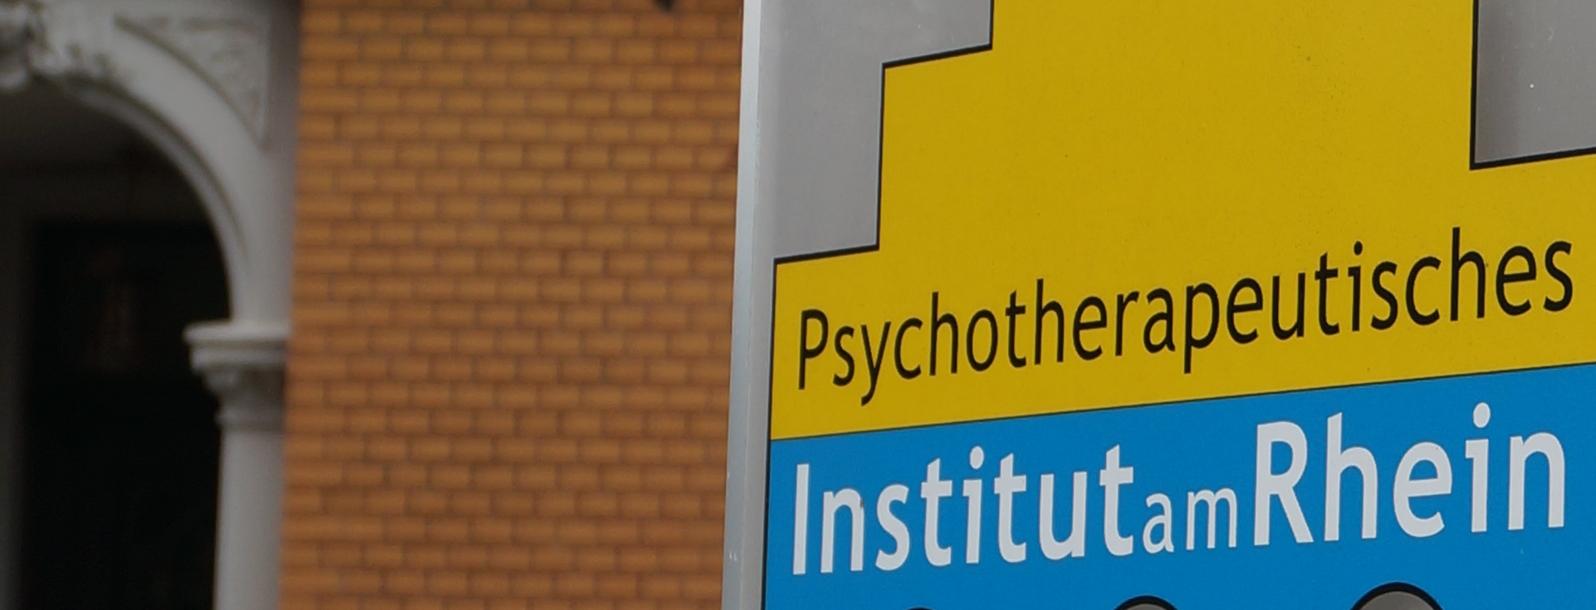 ... oder die Ausbildung zum Kinder- und Jugendlichenpsychotherapeuten